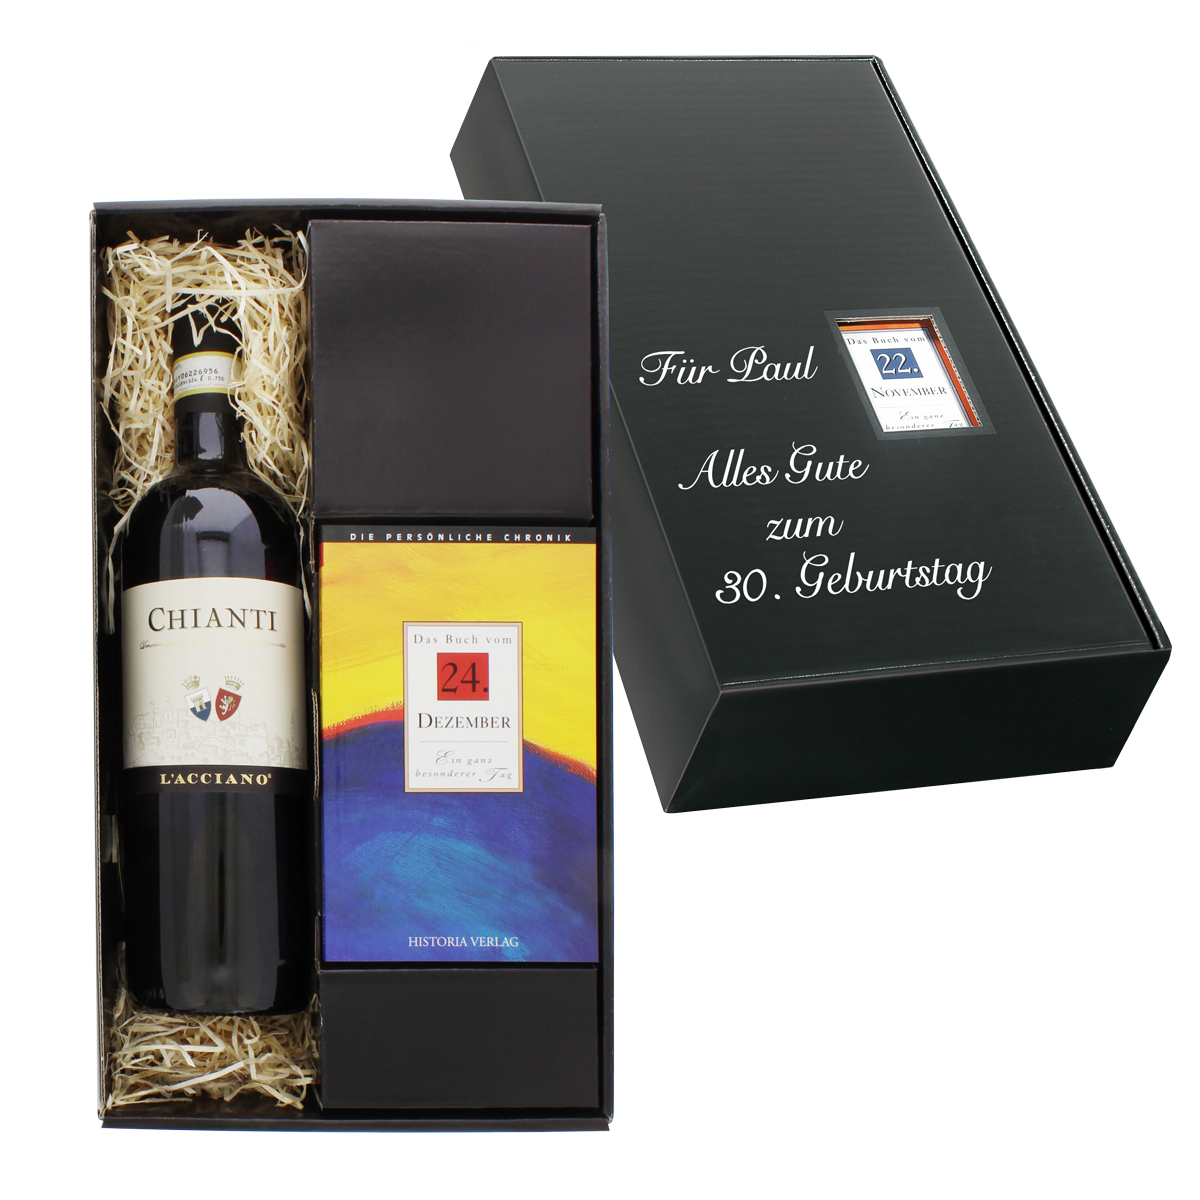 Italien-Set: Tageschronik vom 14. August & Chianti-Wein